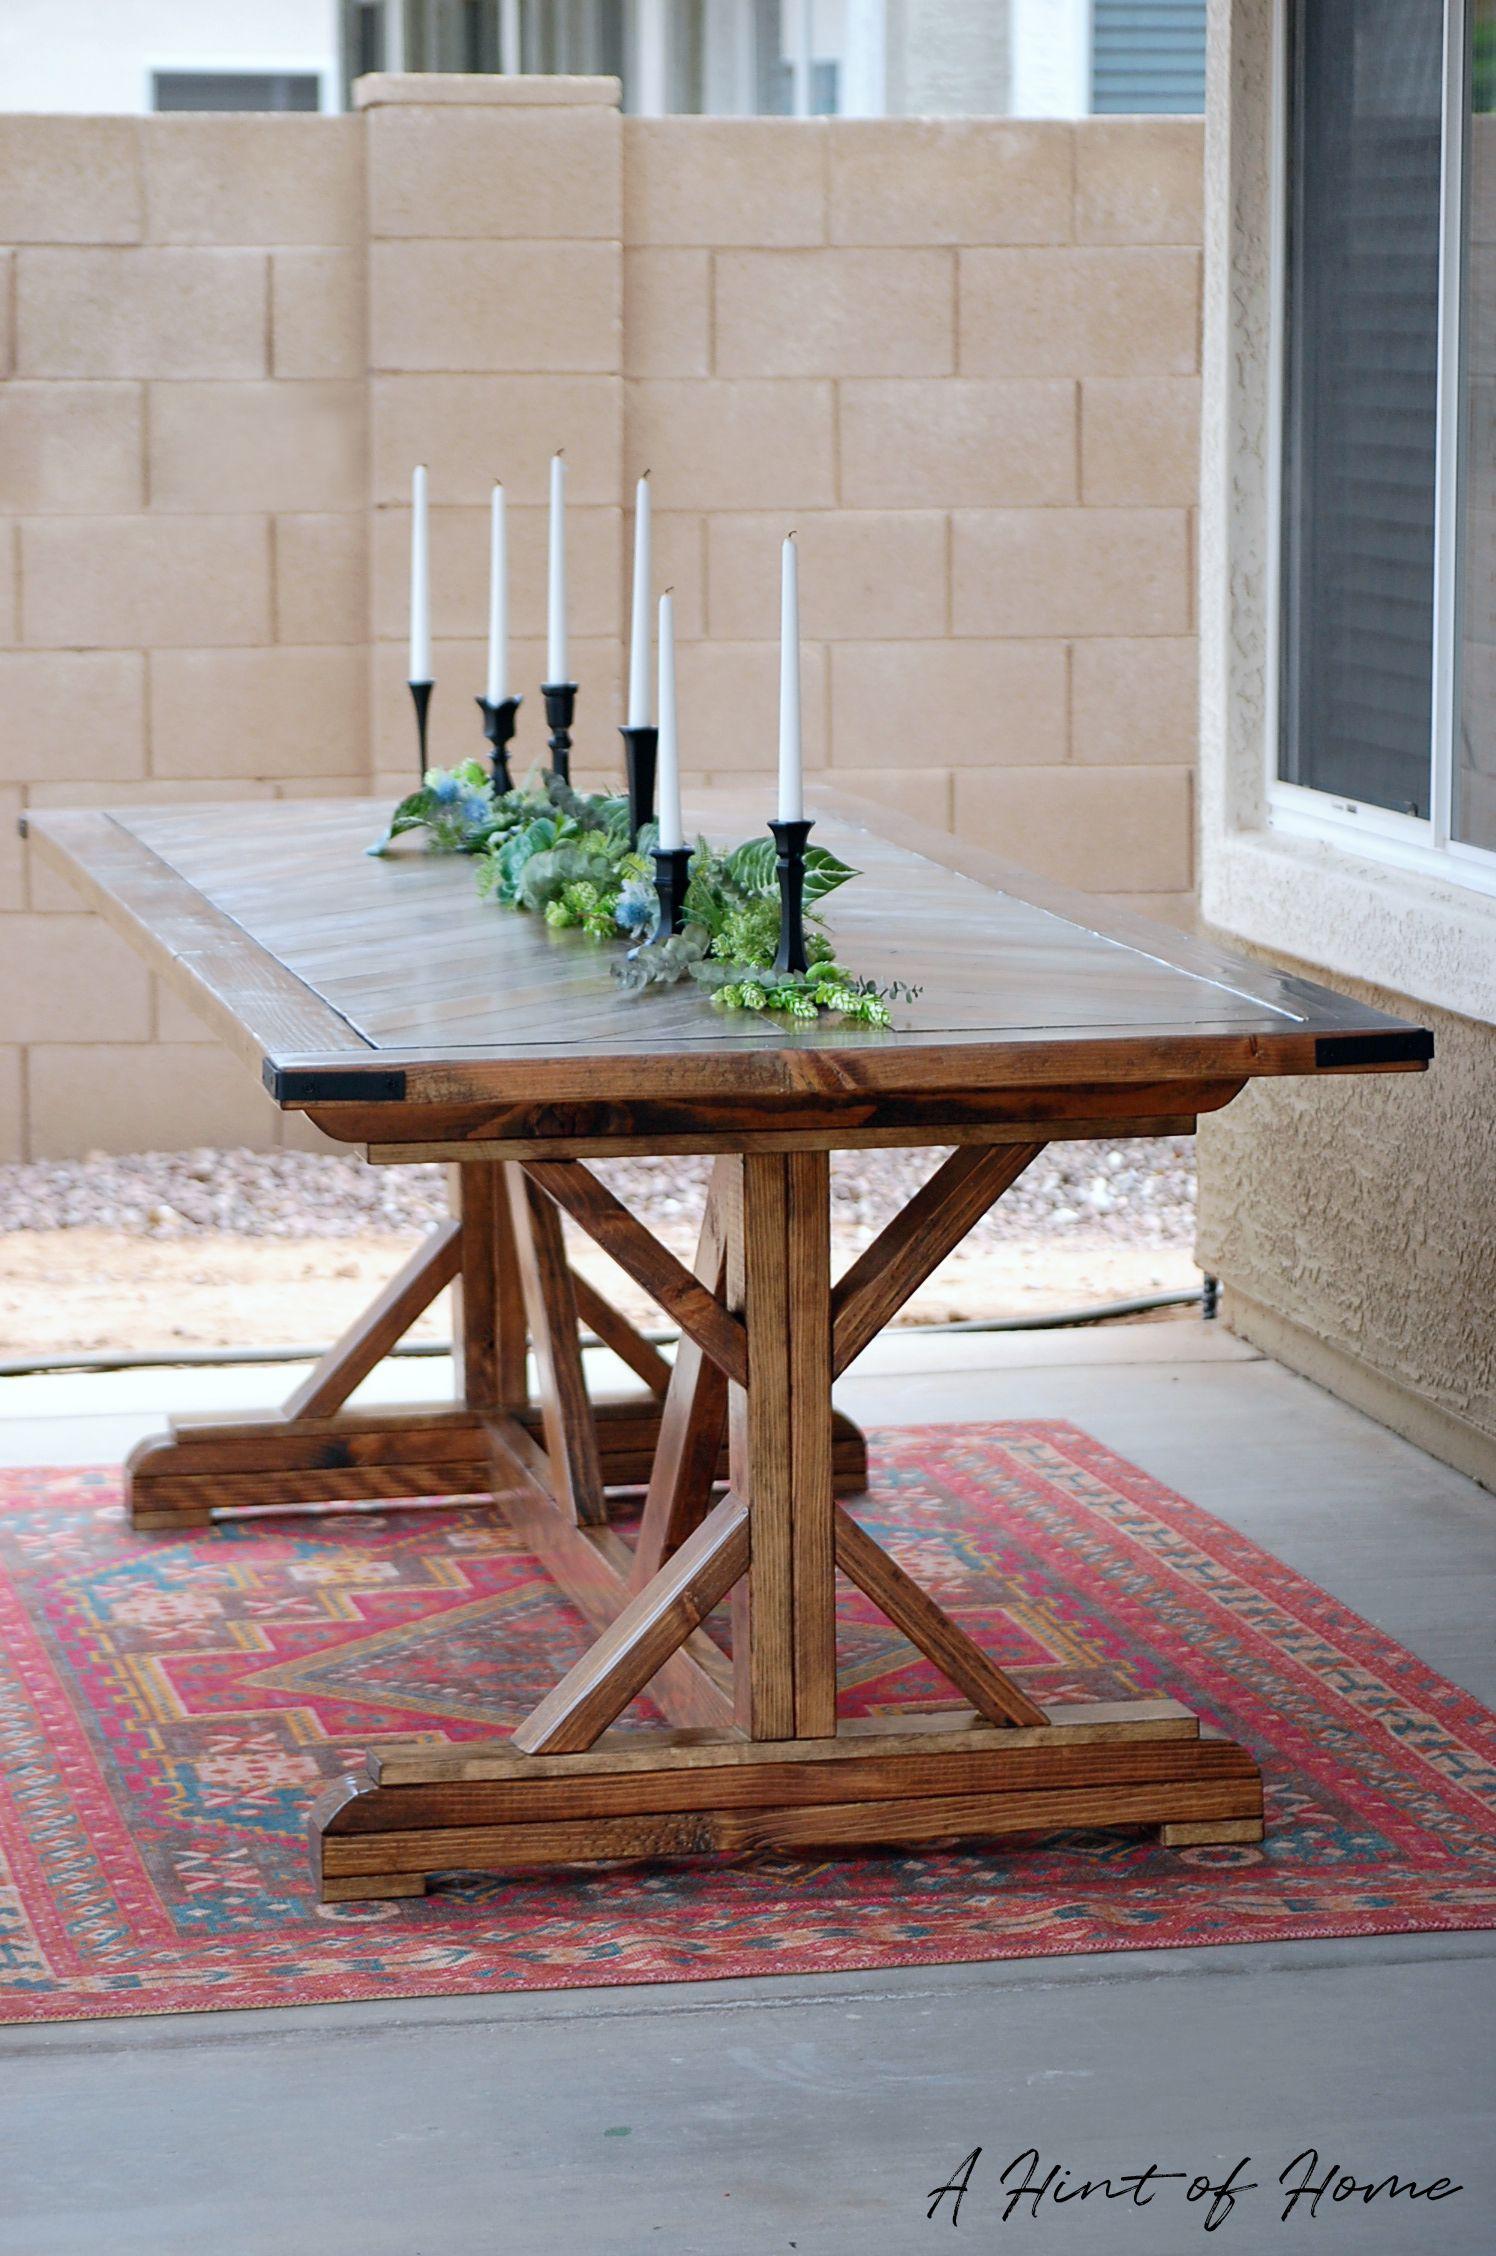 e70d58c42513b995f3ab8bdb6fa30b2f Unique De Table Salle A Manger Design Schème